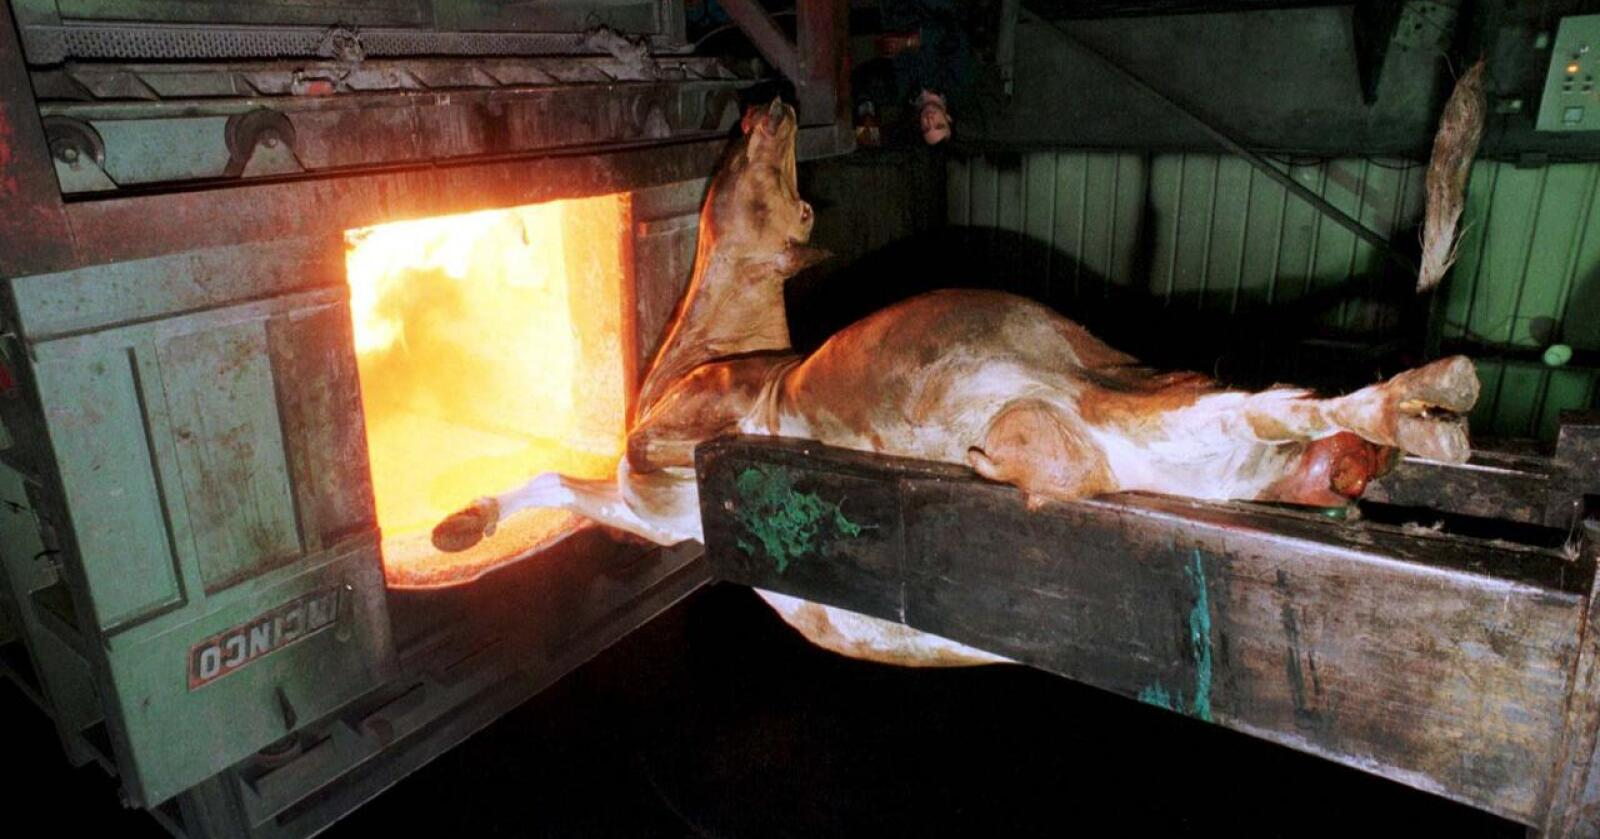 Ku-kadaver brennes på grunn av kugalskap i Wessex dyreforbrenningsanlegg på midten av 90-tallet. Millioner av storfe ble den gang avlivet og brent for å stoppe utbruddet. Foto: Nationen